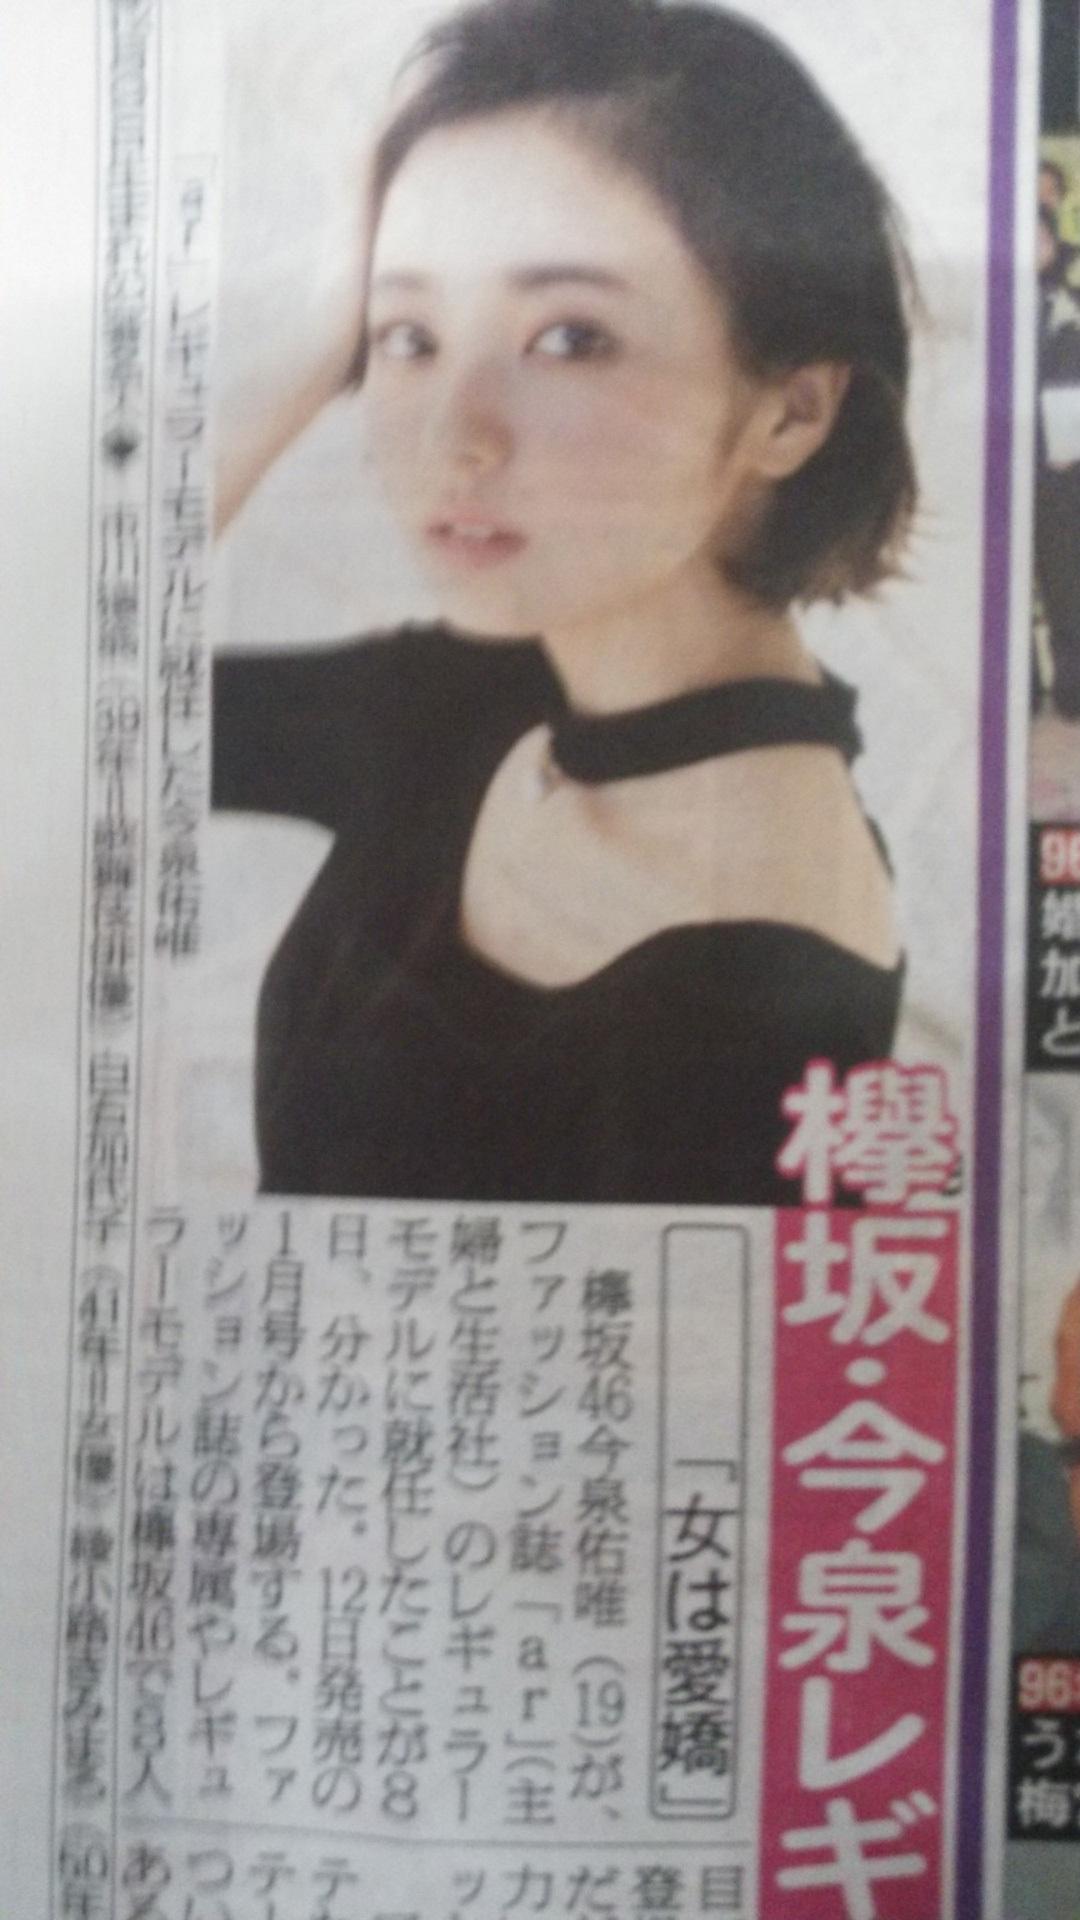 欅坂46今泉佑唯が『ar』のレギュラーモデルに2